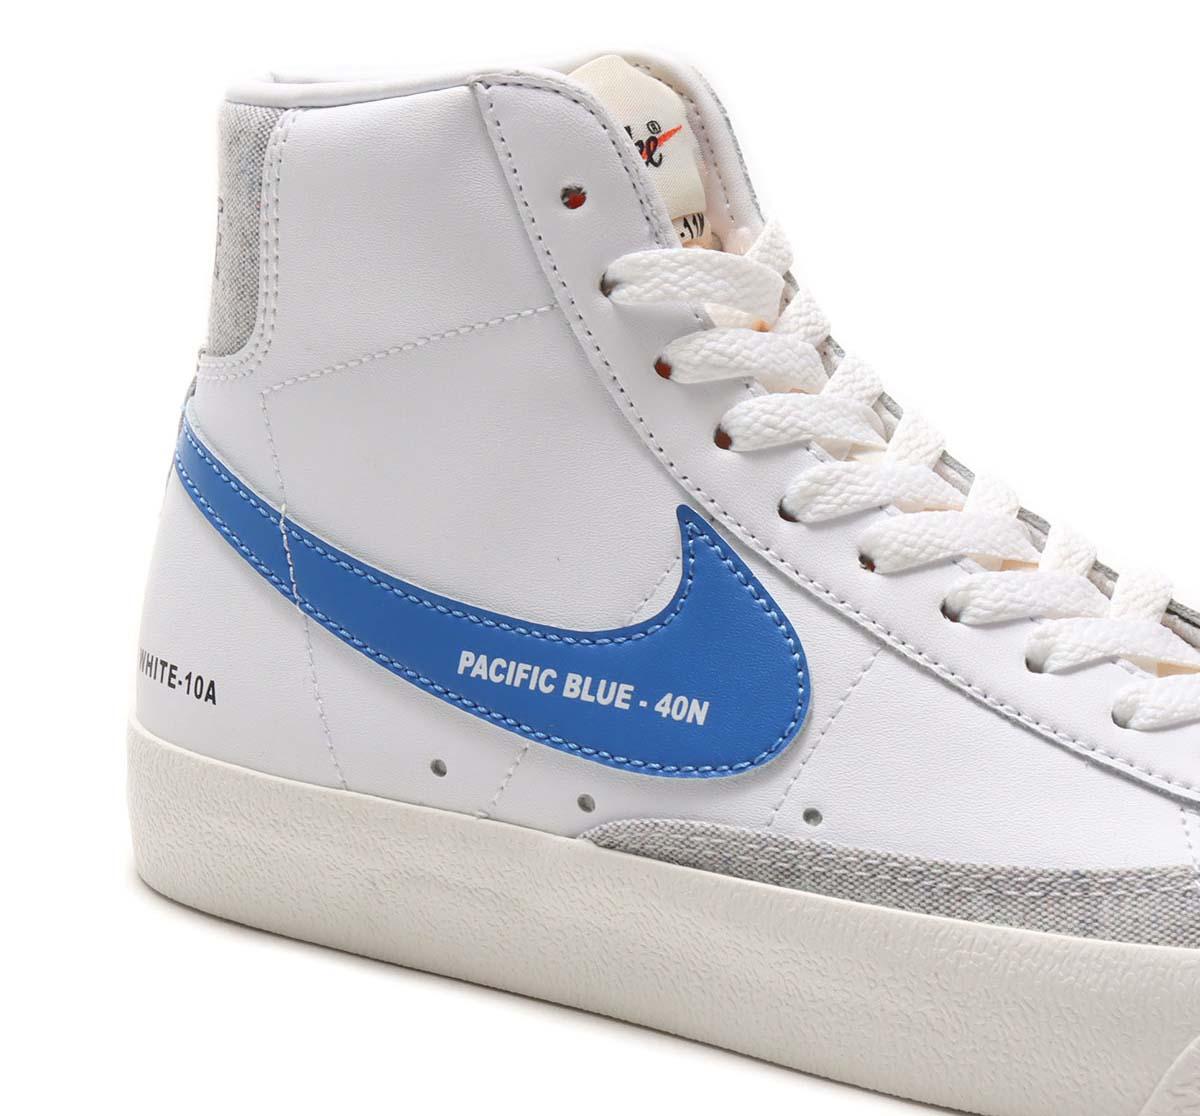 NIKE BLAZER MID 77 Swatch WHITE / PACIFIC BLUE-HABANERO RED-SAIL DA2142-146 ナイキ ブレーザー ミッド 77 ホワイト/ブルー/レッド/グリーン/ブラック